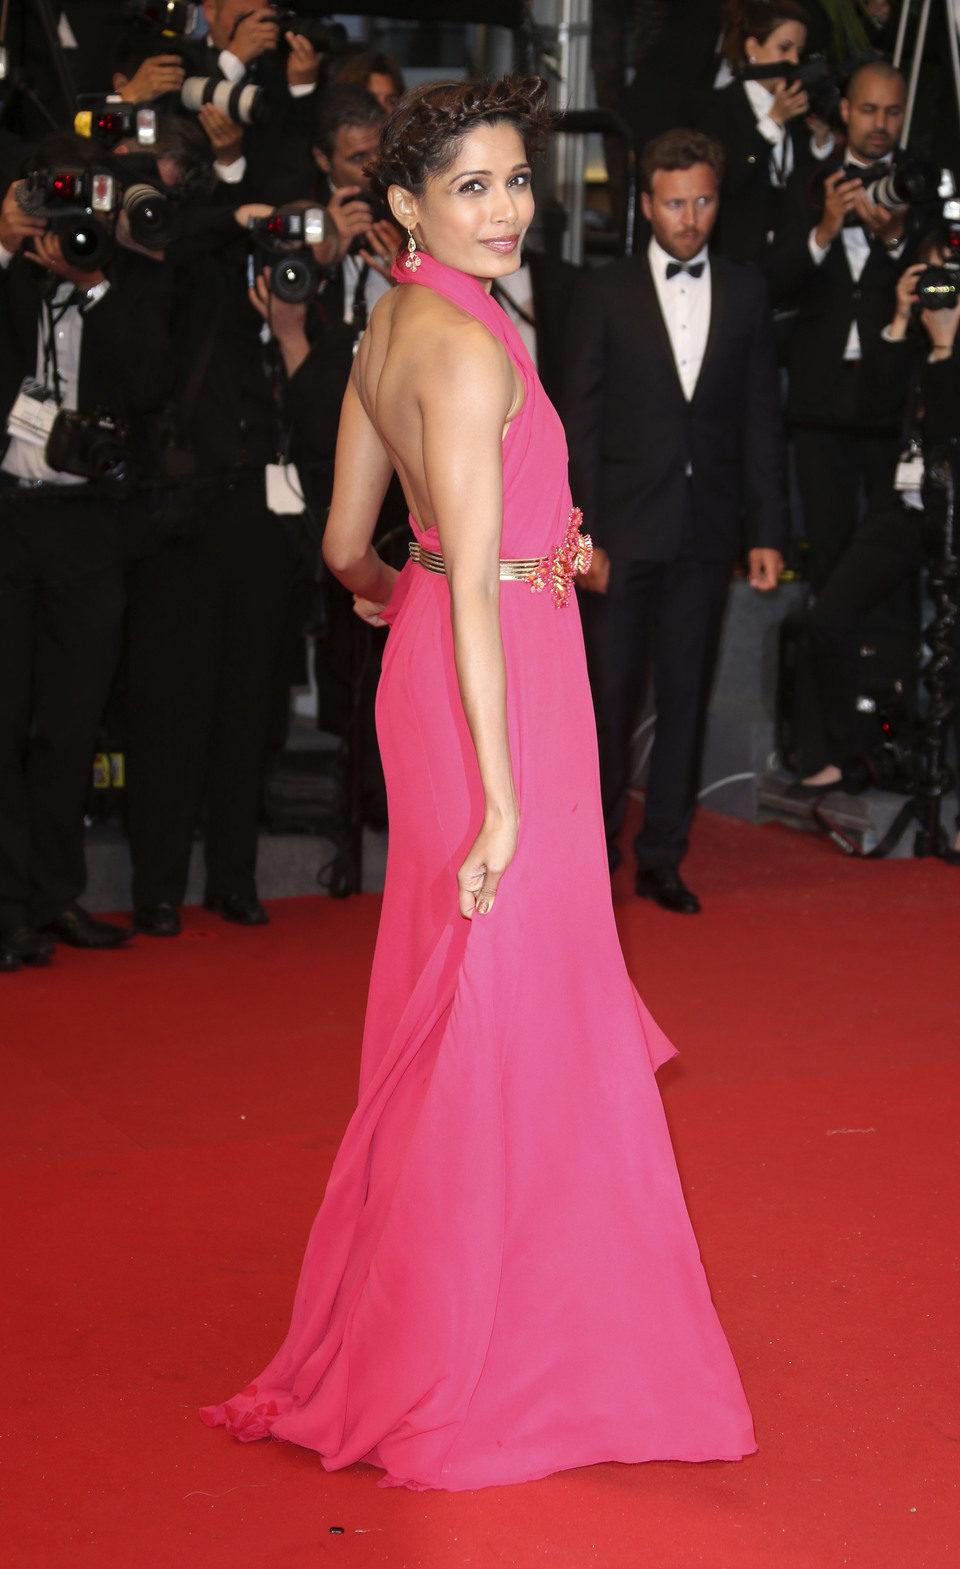 Freida Pinto en la fiesta inaugural del Festival de Cannes 2013